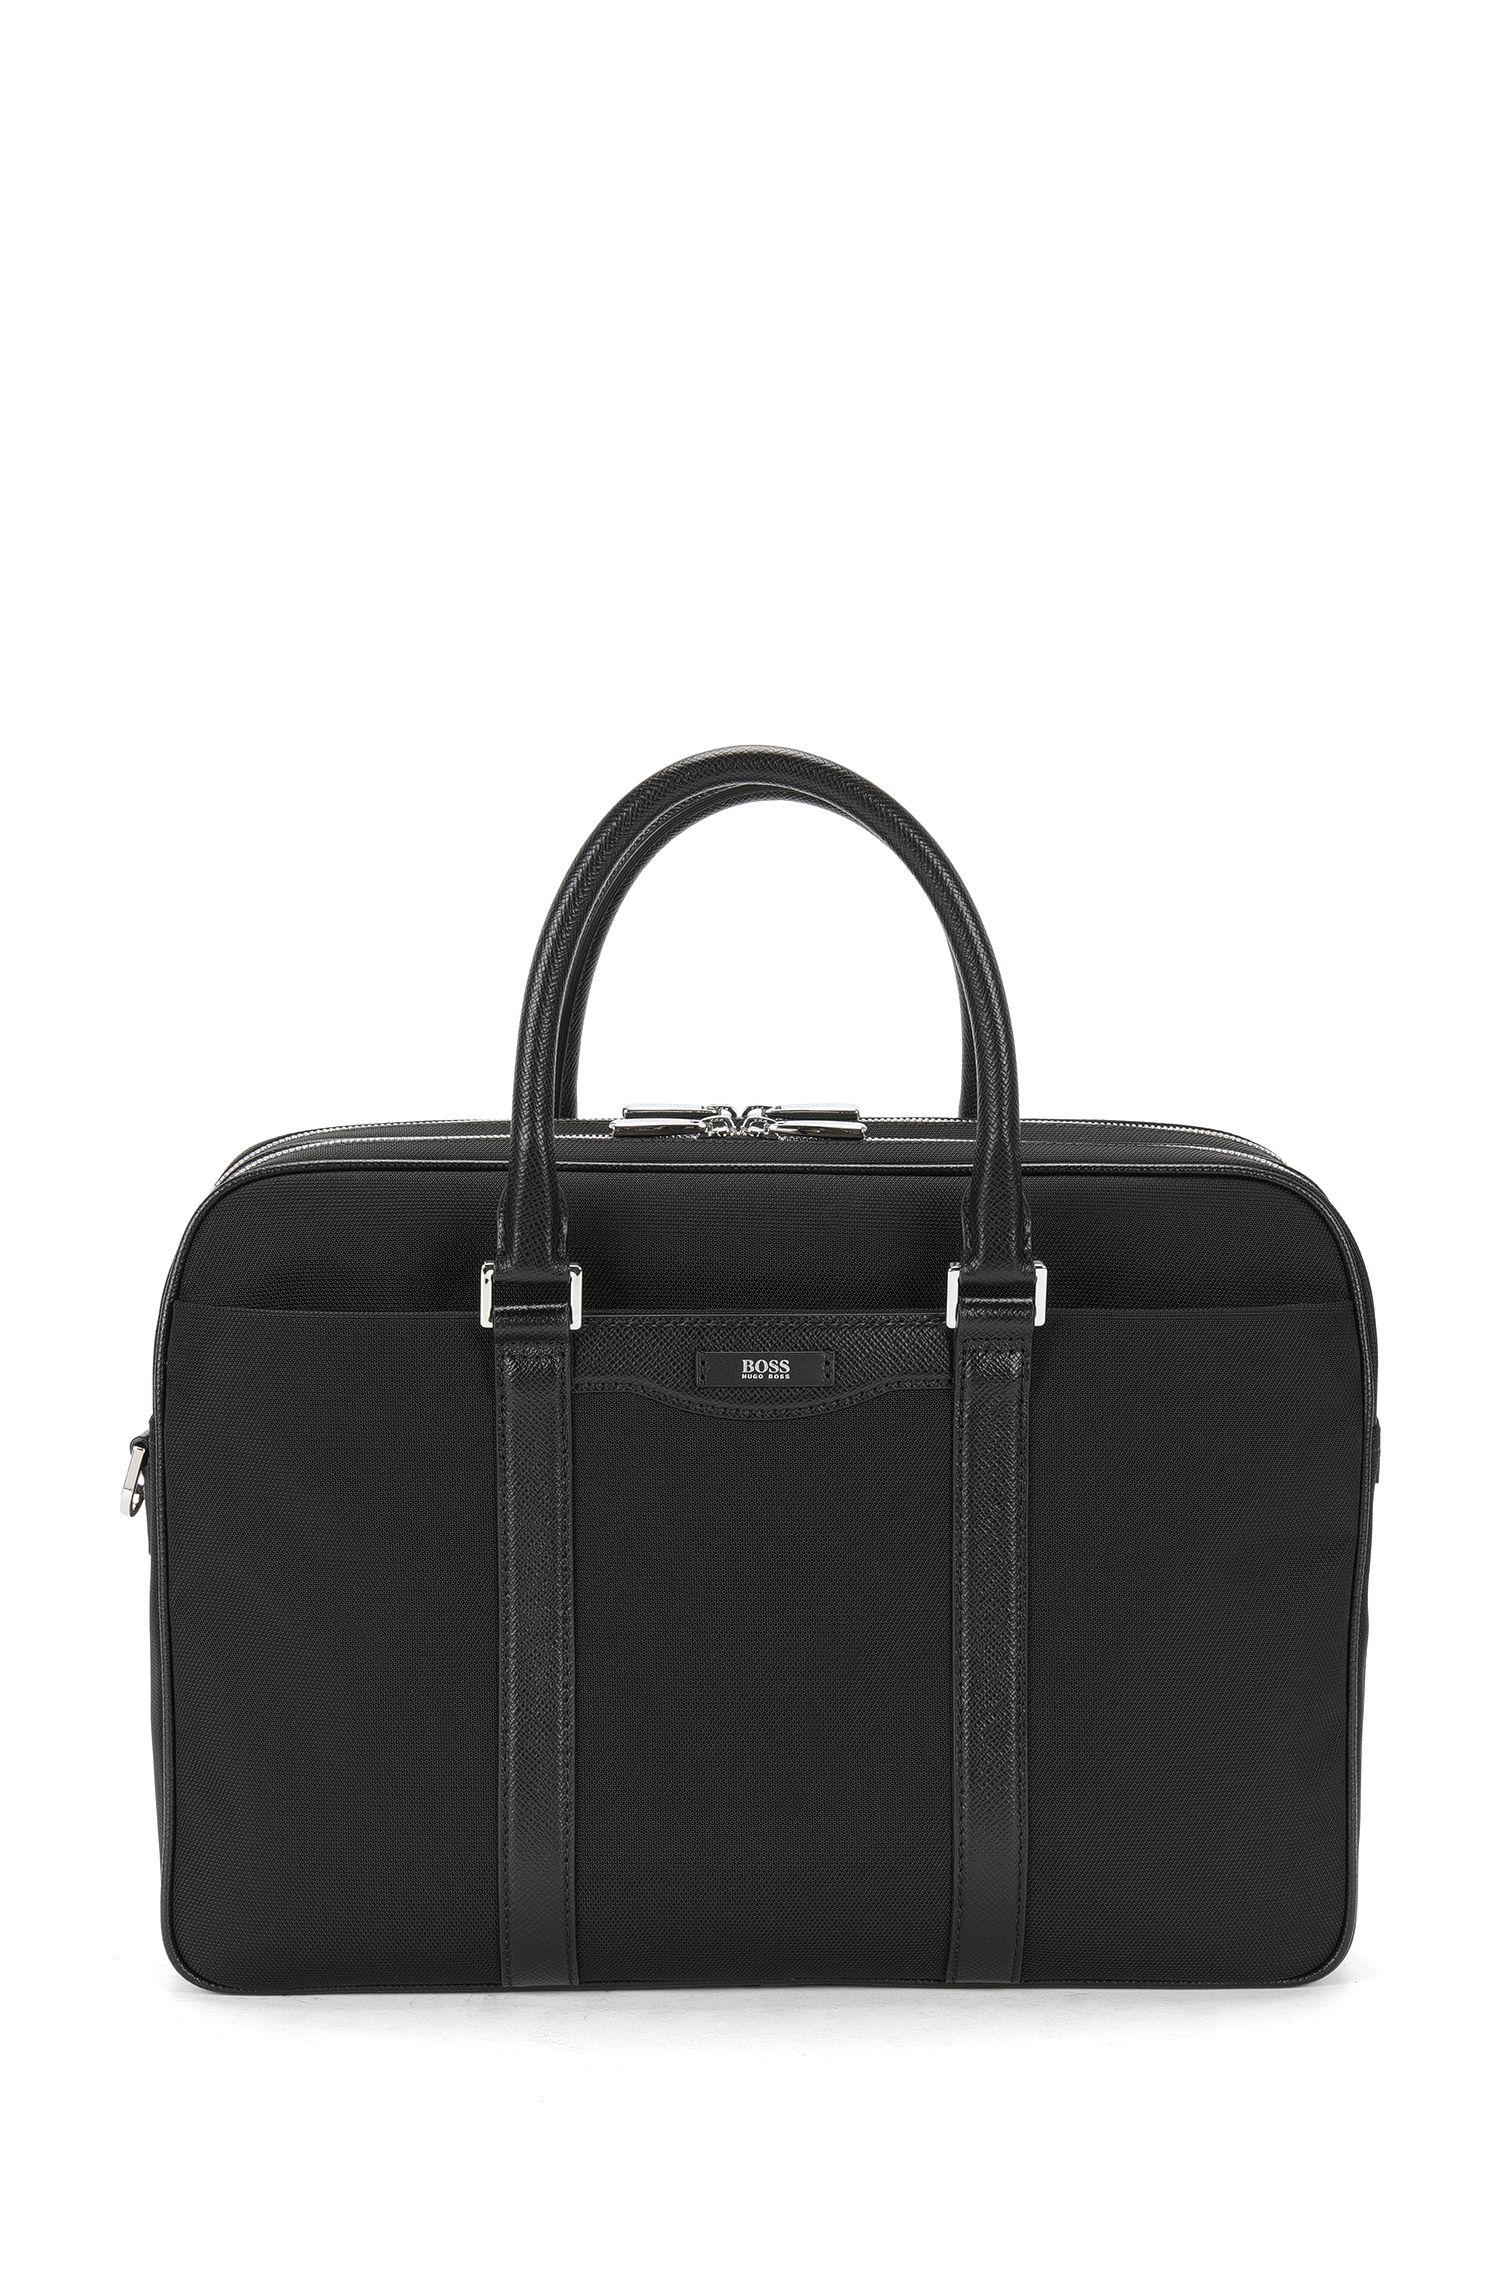 'Signature L D Doc' | Nylon Leather Workbag, Detachable Shoulder Strap